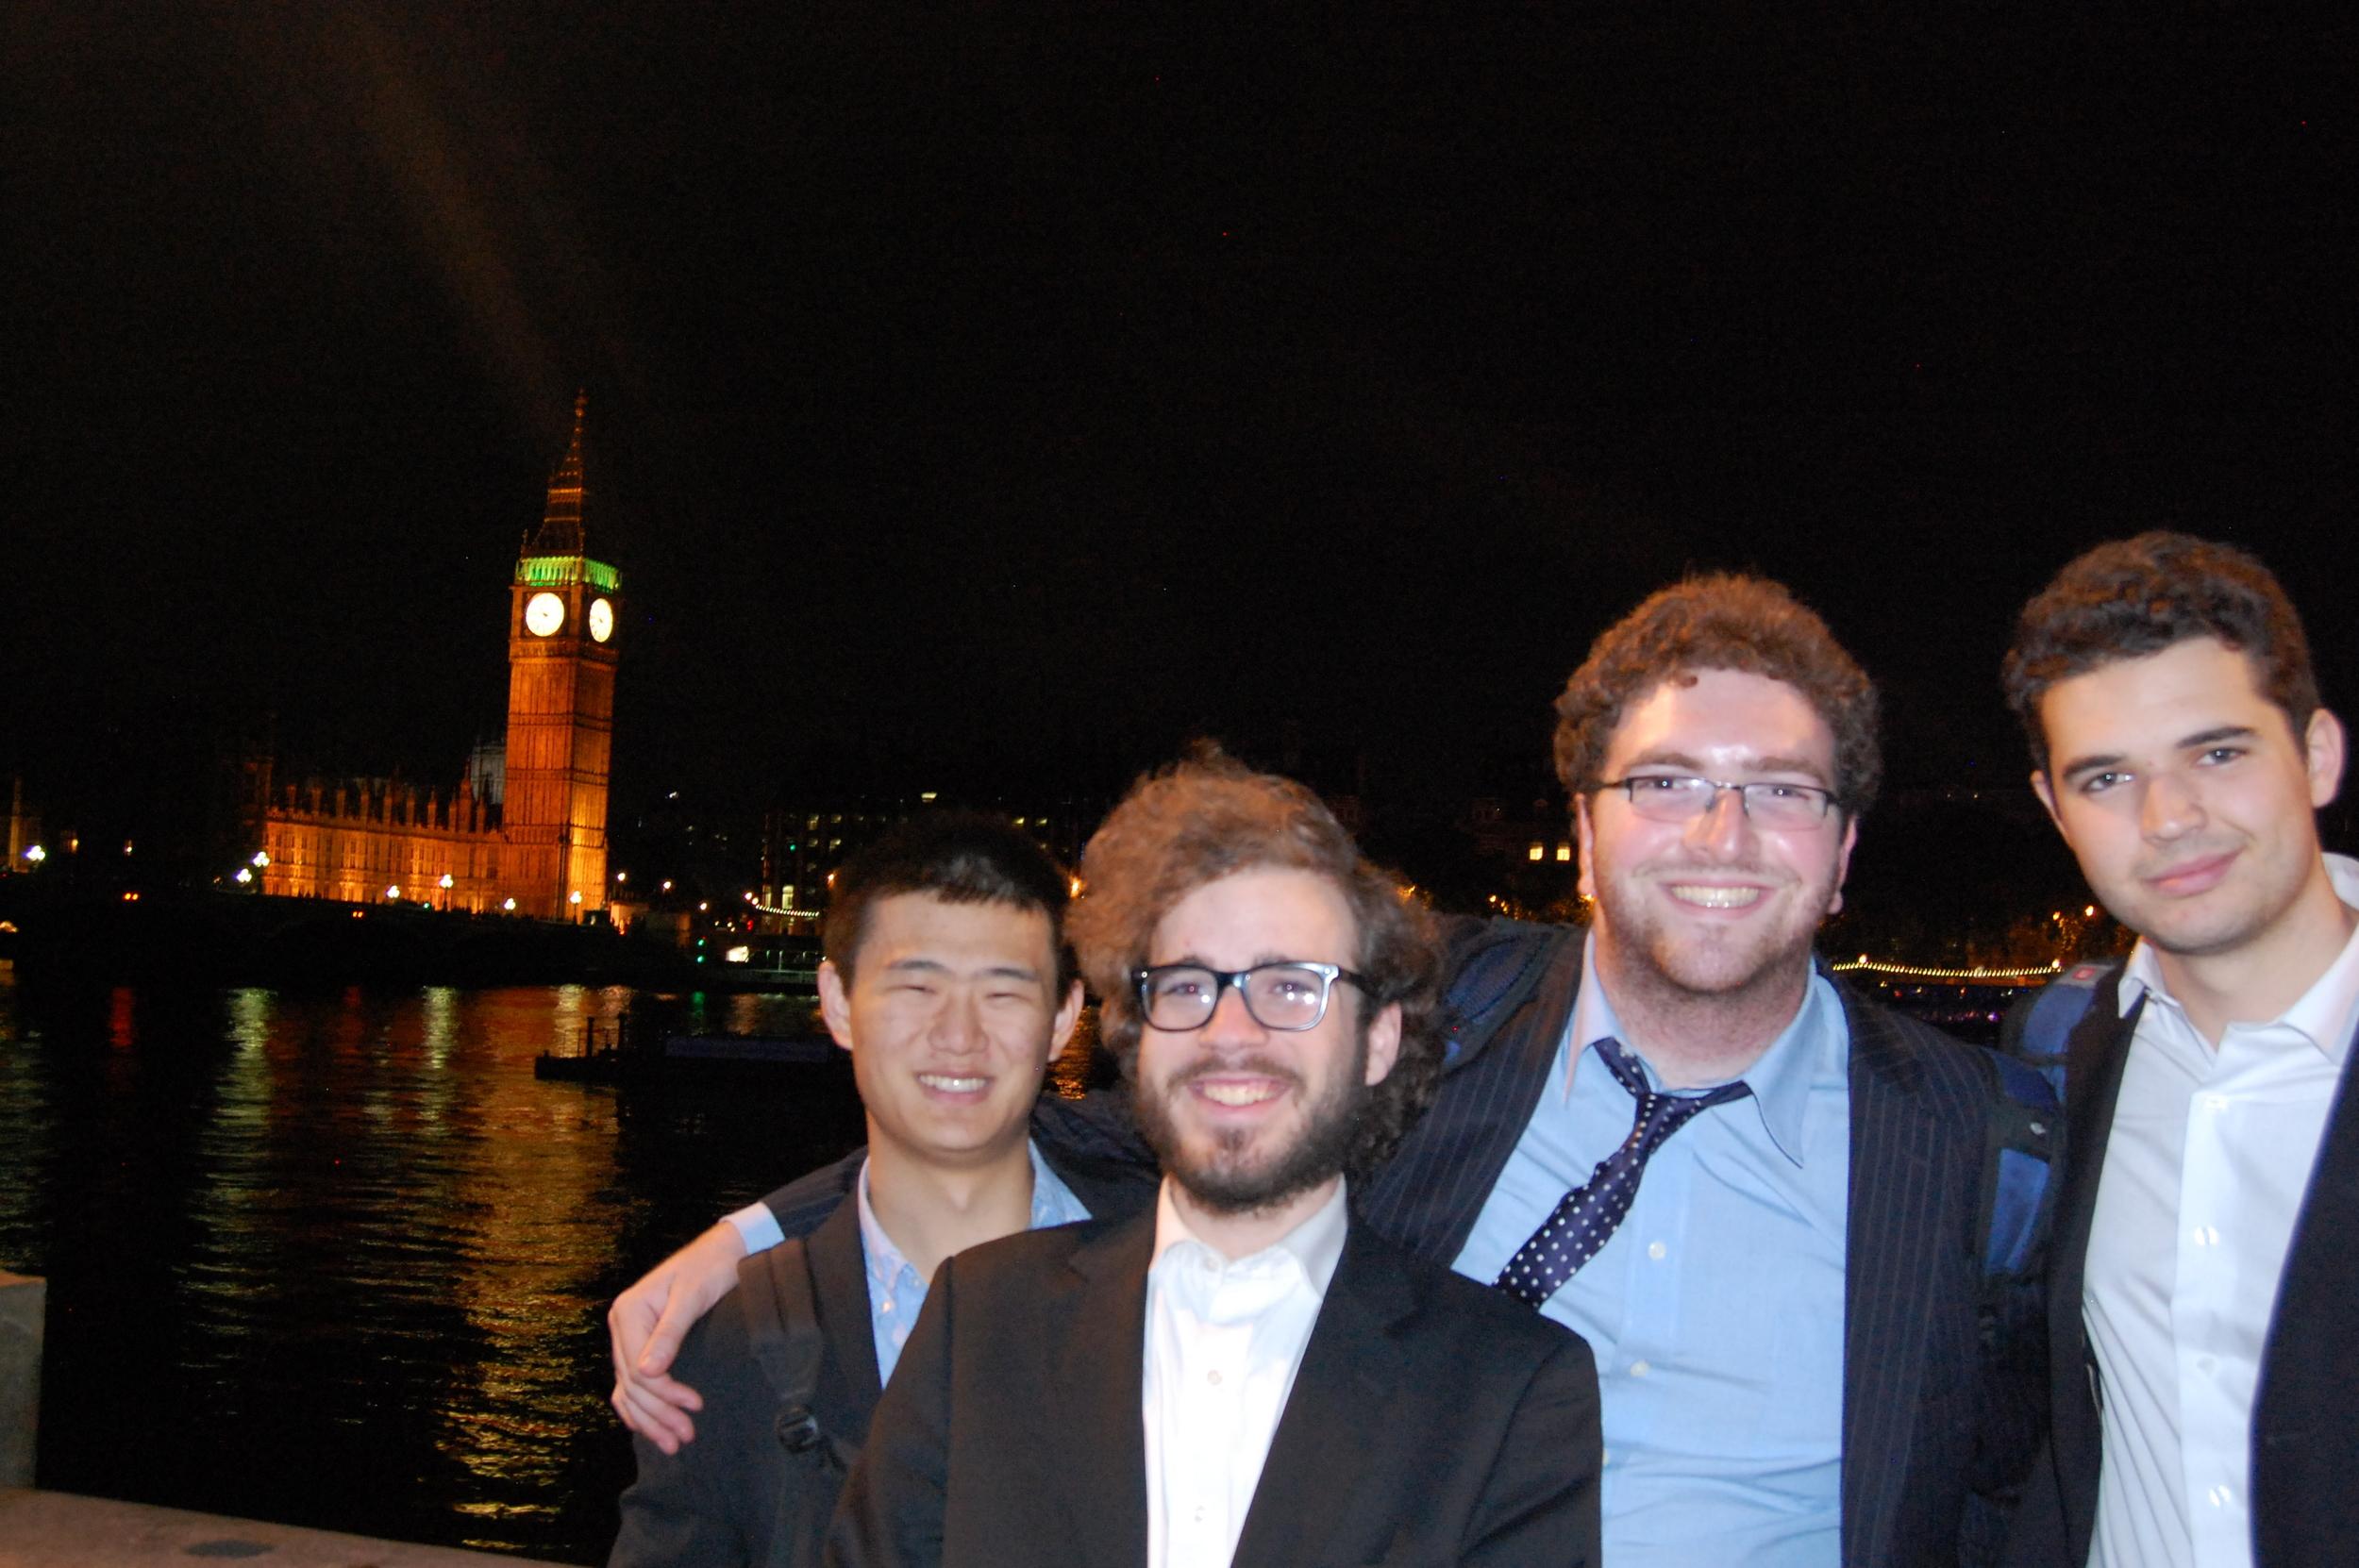 Big Ben across the River Thames